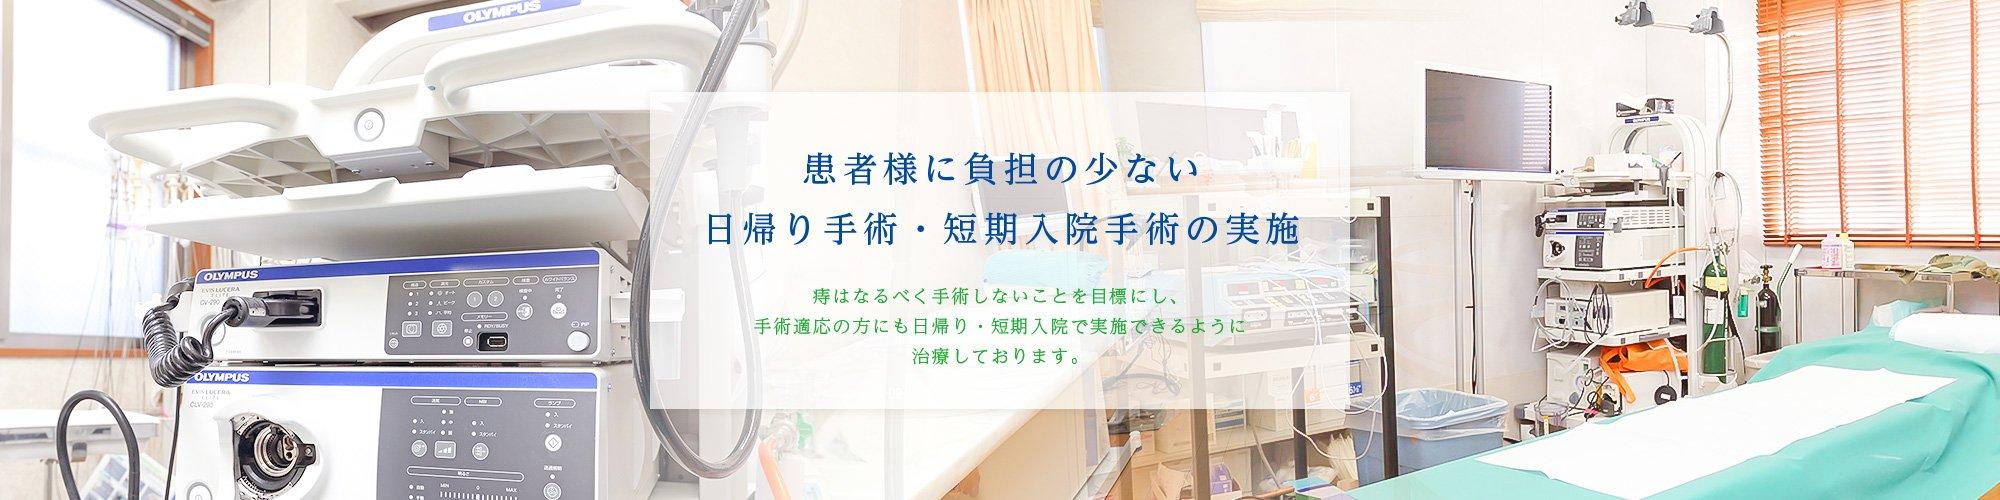 患者様に負担の少ない日帰り手術・短期入院手術の実施